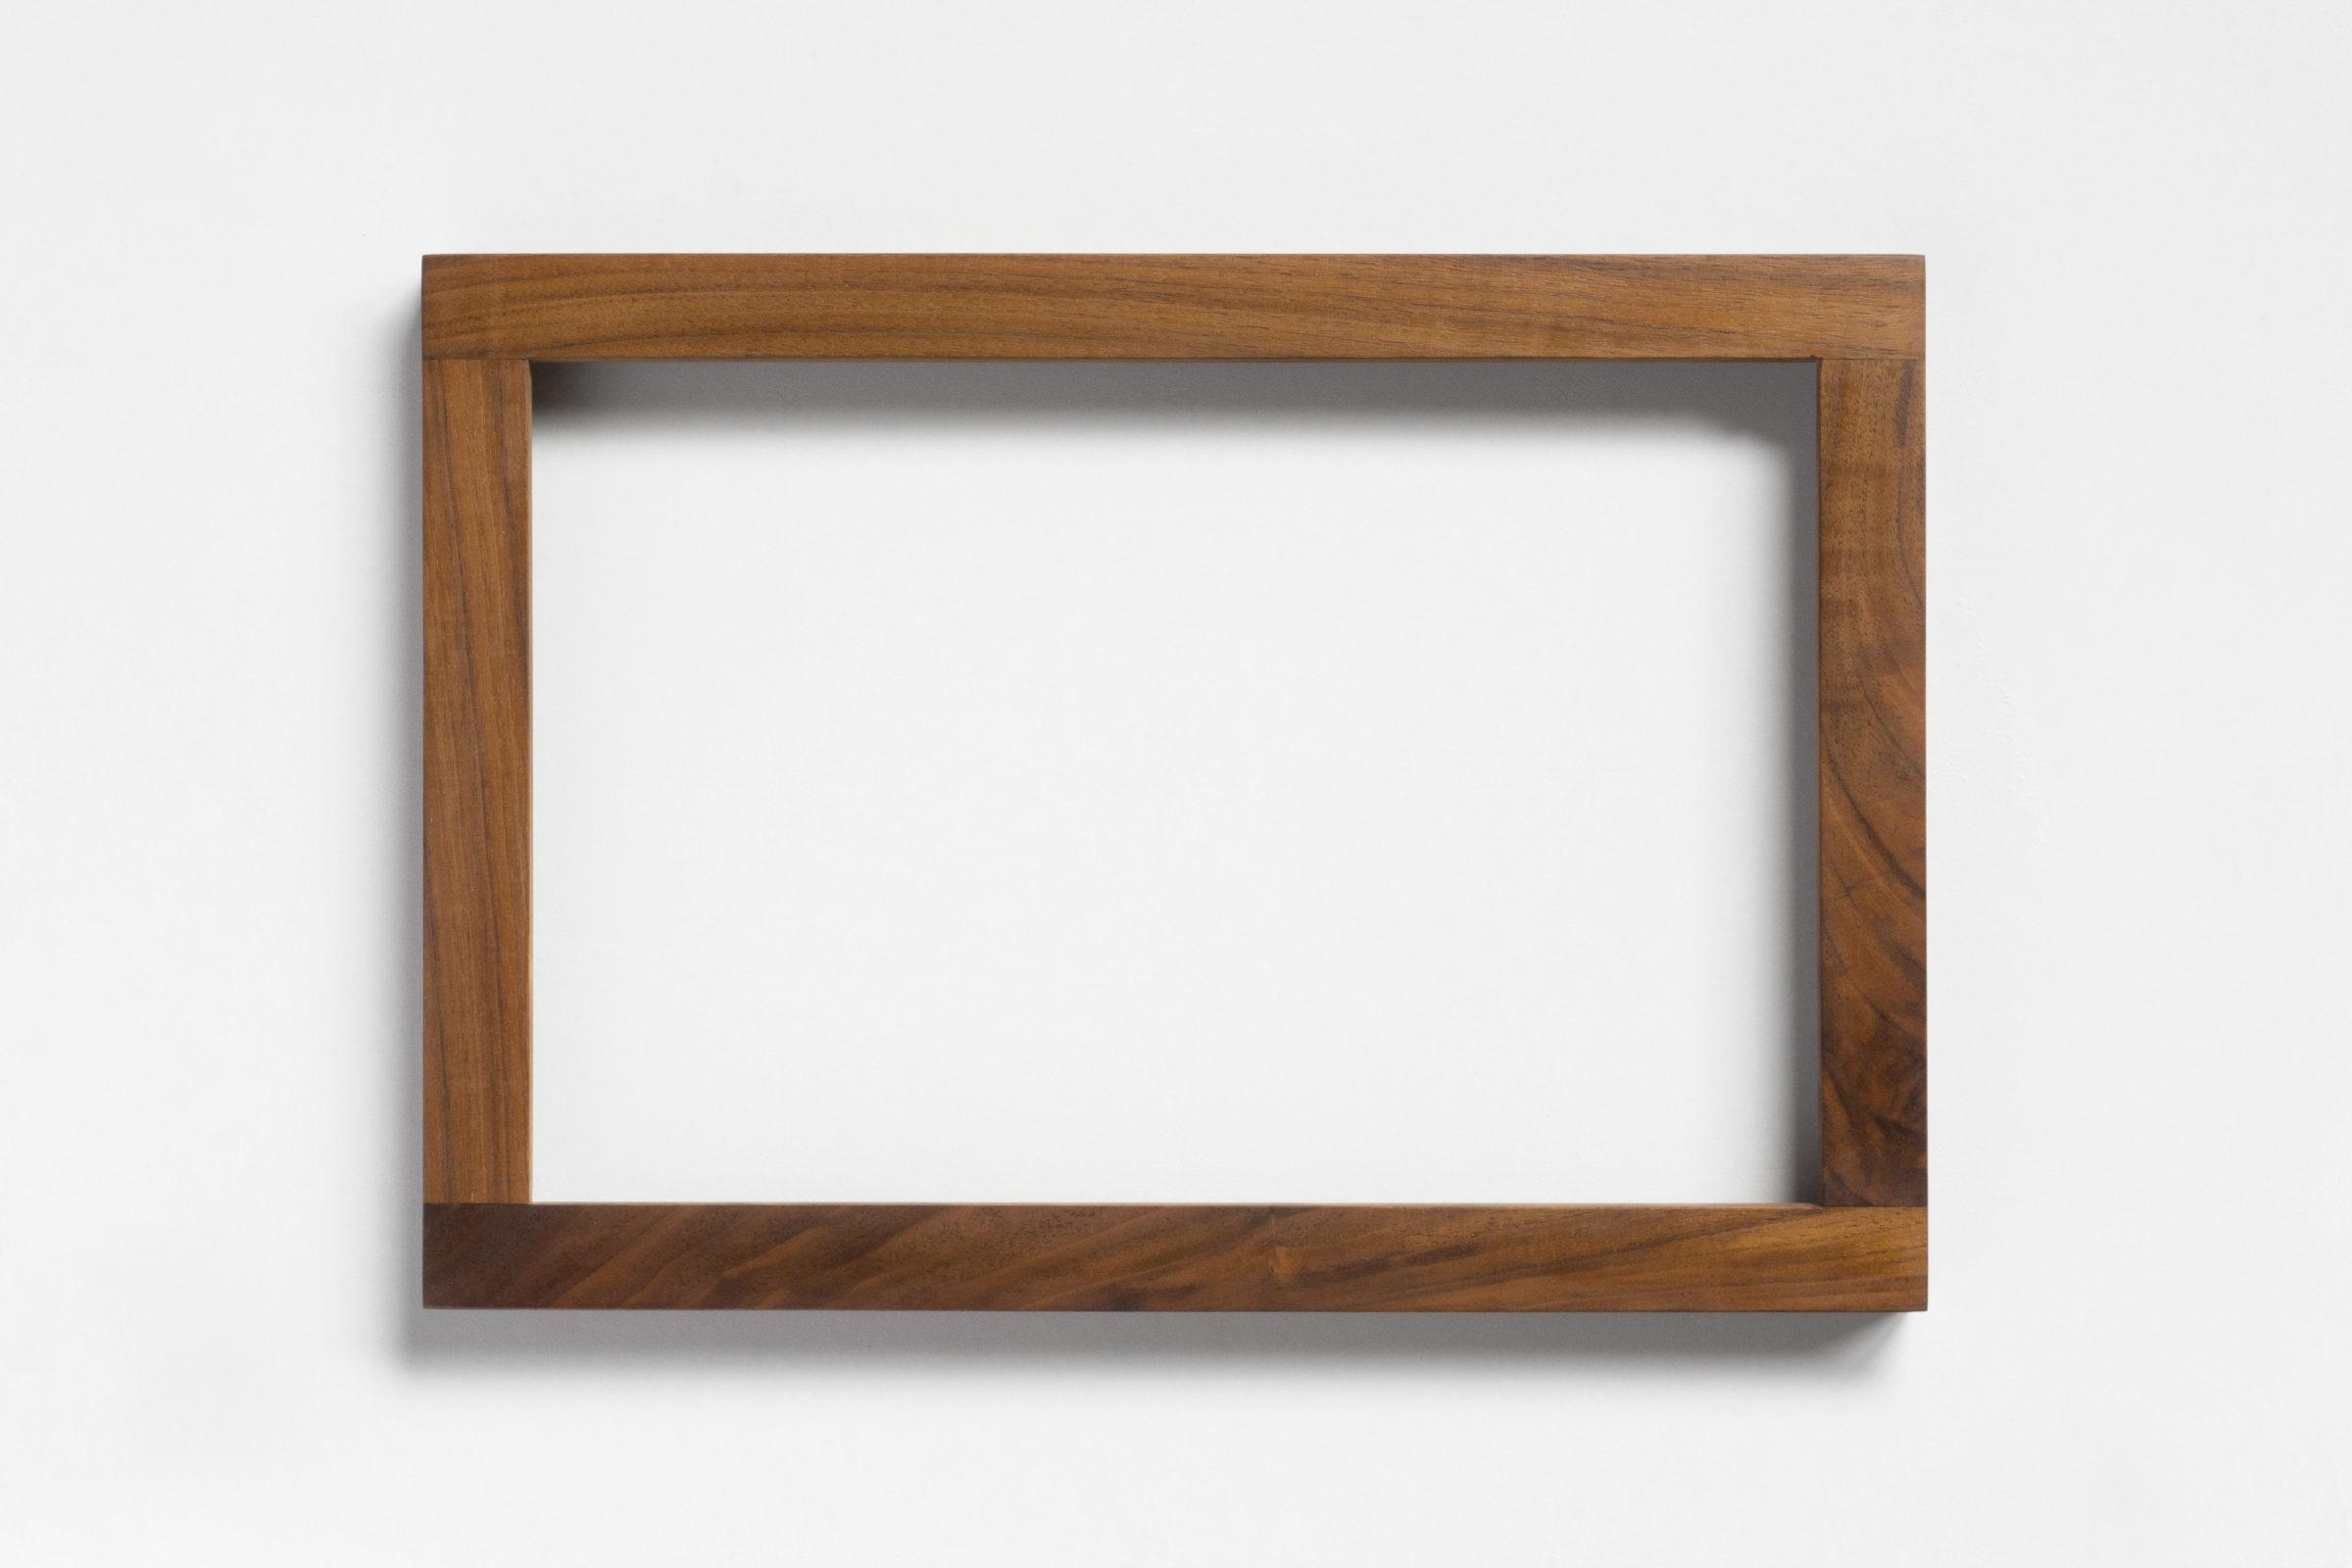 Bilderrahmen, Massivholzmöbel handgemacht, Hochwertige Möbel aus Massivholz, Holzoberflächen handgehobelt, Einzelmöbelstücke, The Trees of Lif